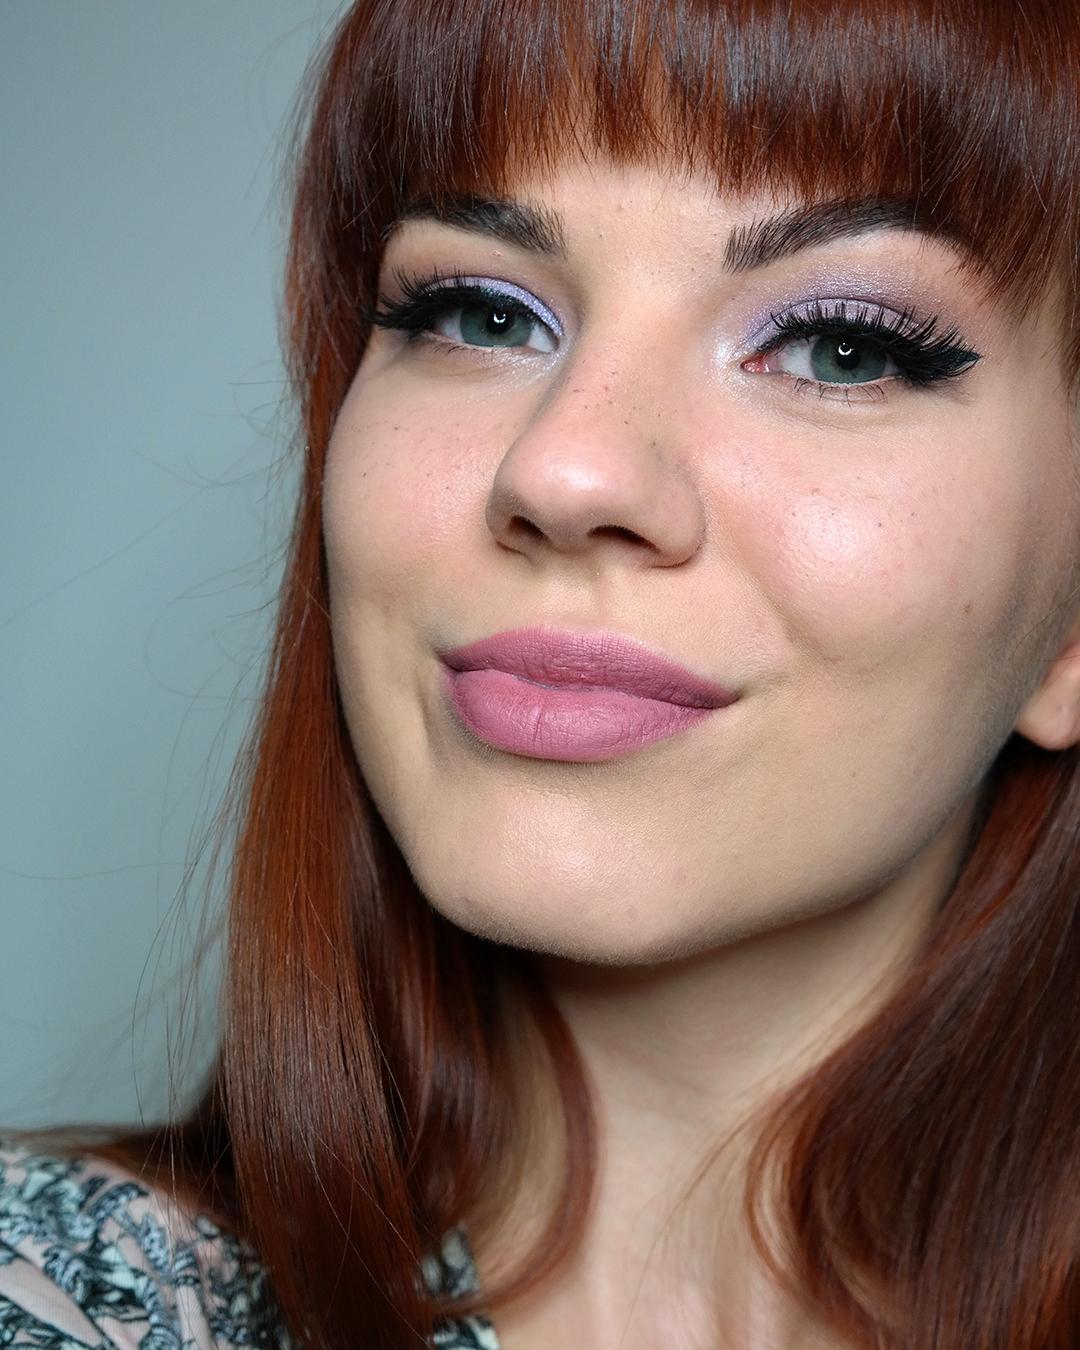 vaaleanvioletti silmämeikki